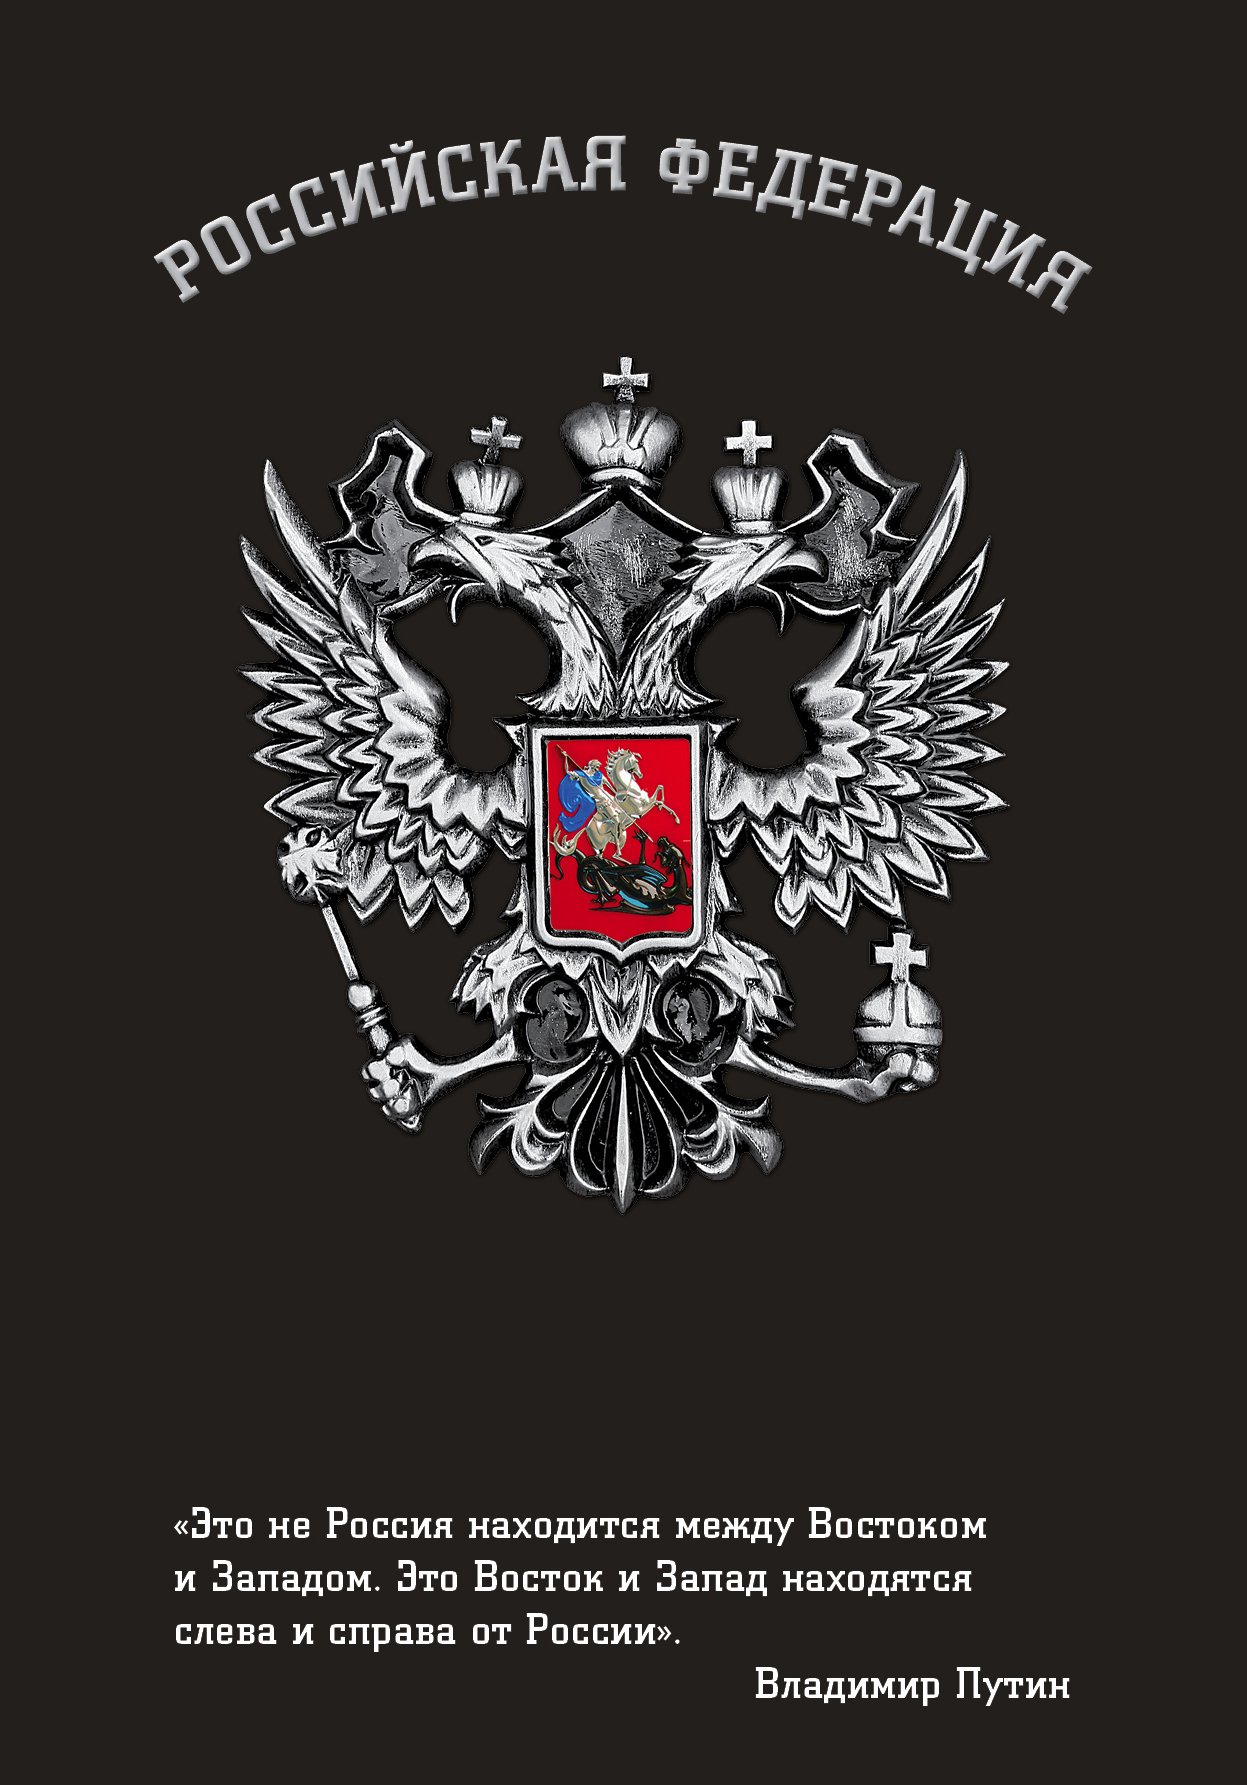 Блокнот Российской Федерации (Путин)